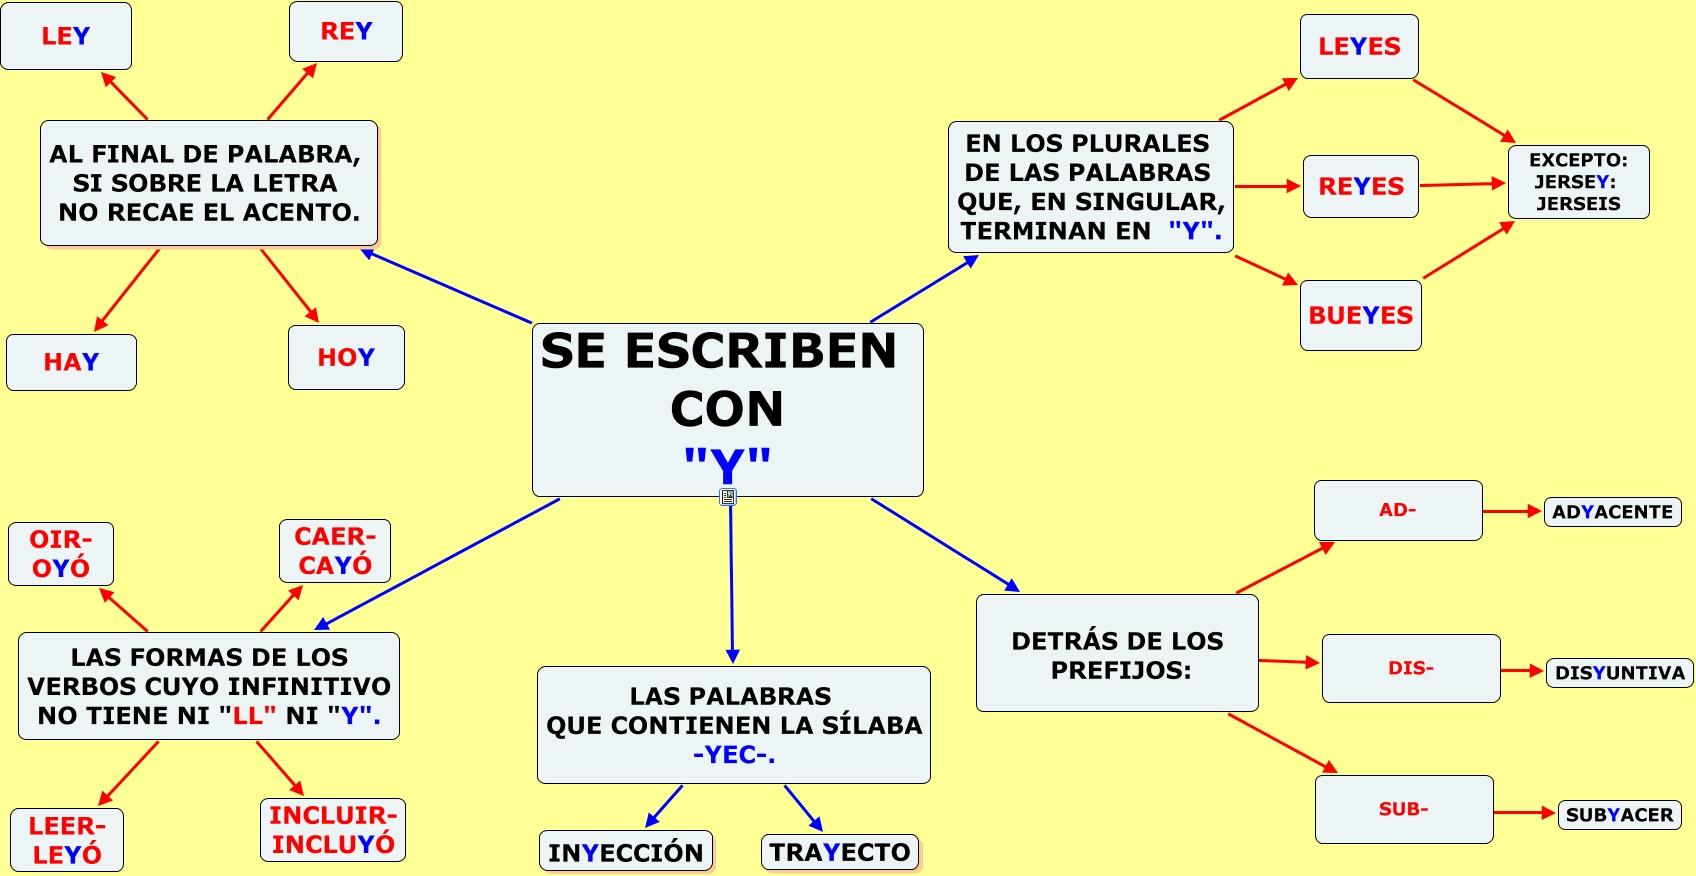 https://luisamariaarias.files.wordpress.com/2012/04/uso-de-la-y.jpg